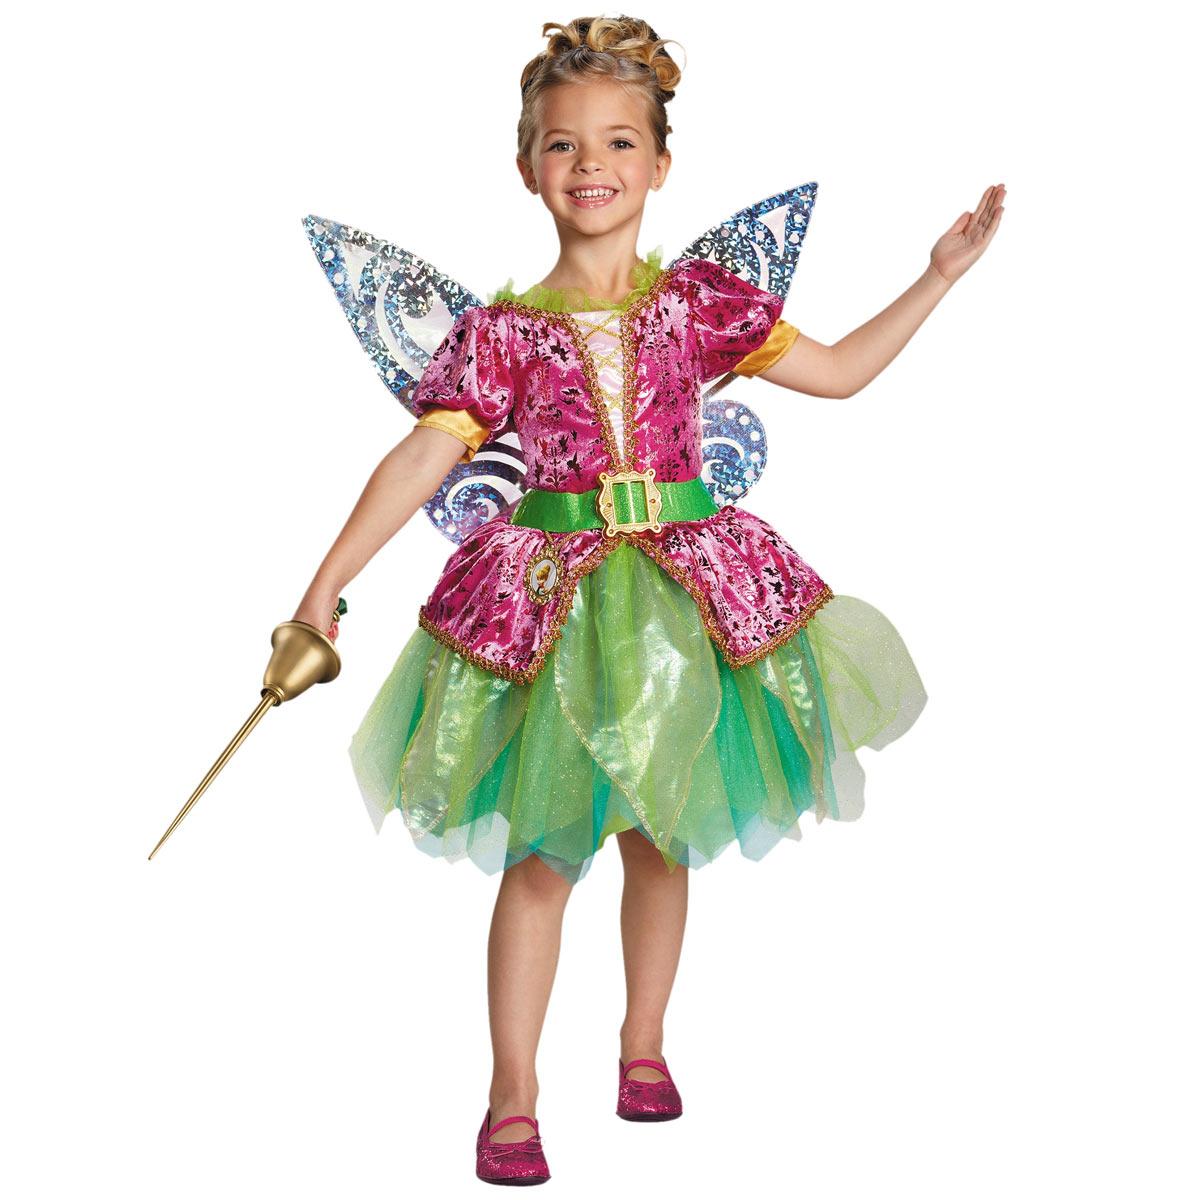 ティンカー ベル コスプレ 衣装 衣装 子供 仮装 コスチューム ハロウィン ディズニー Tinker Bell